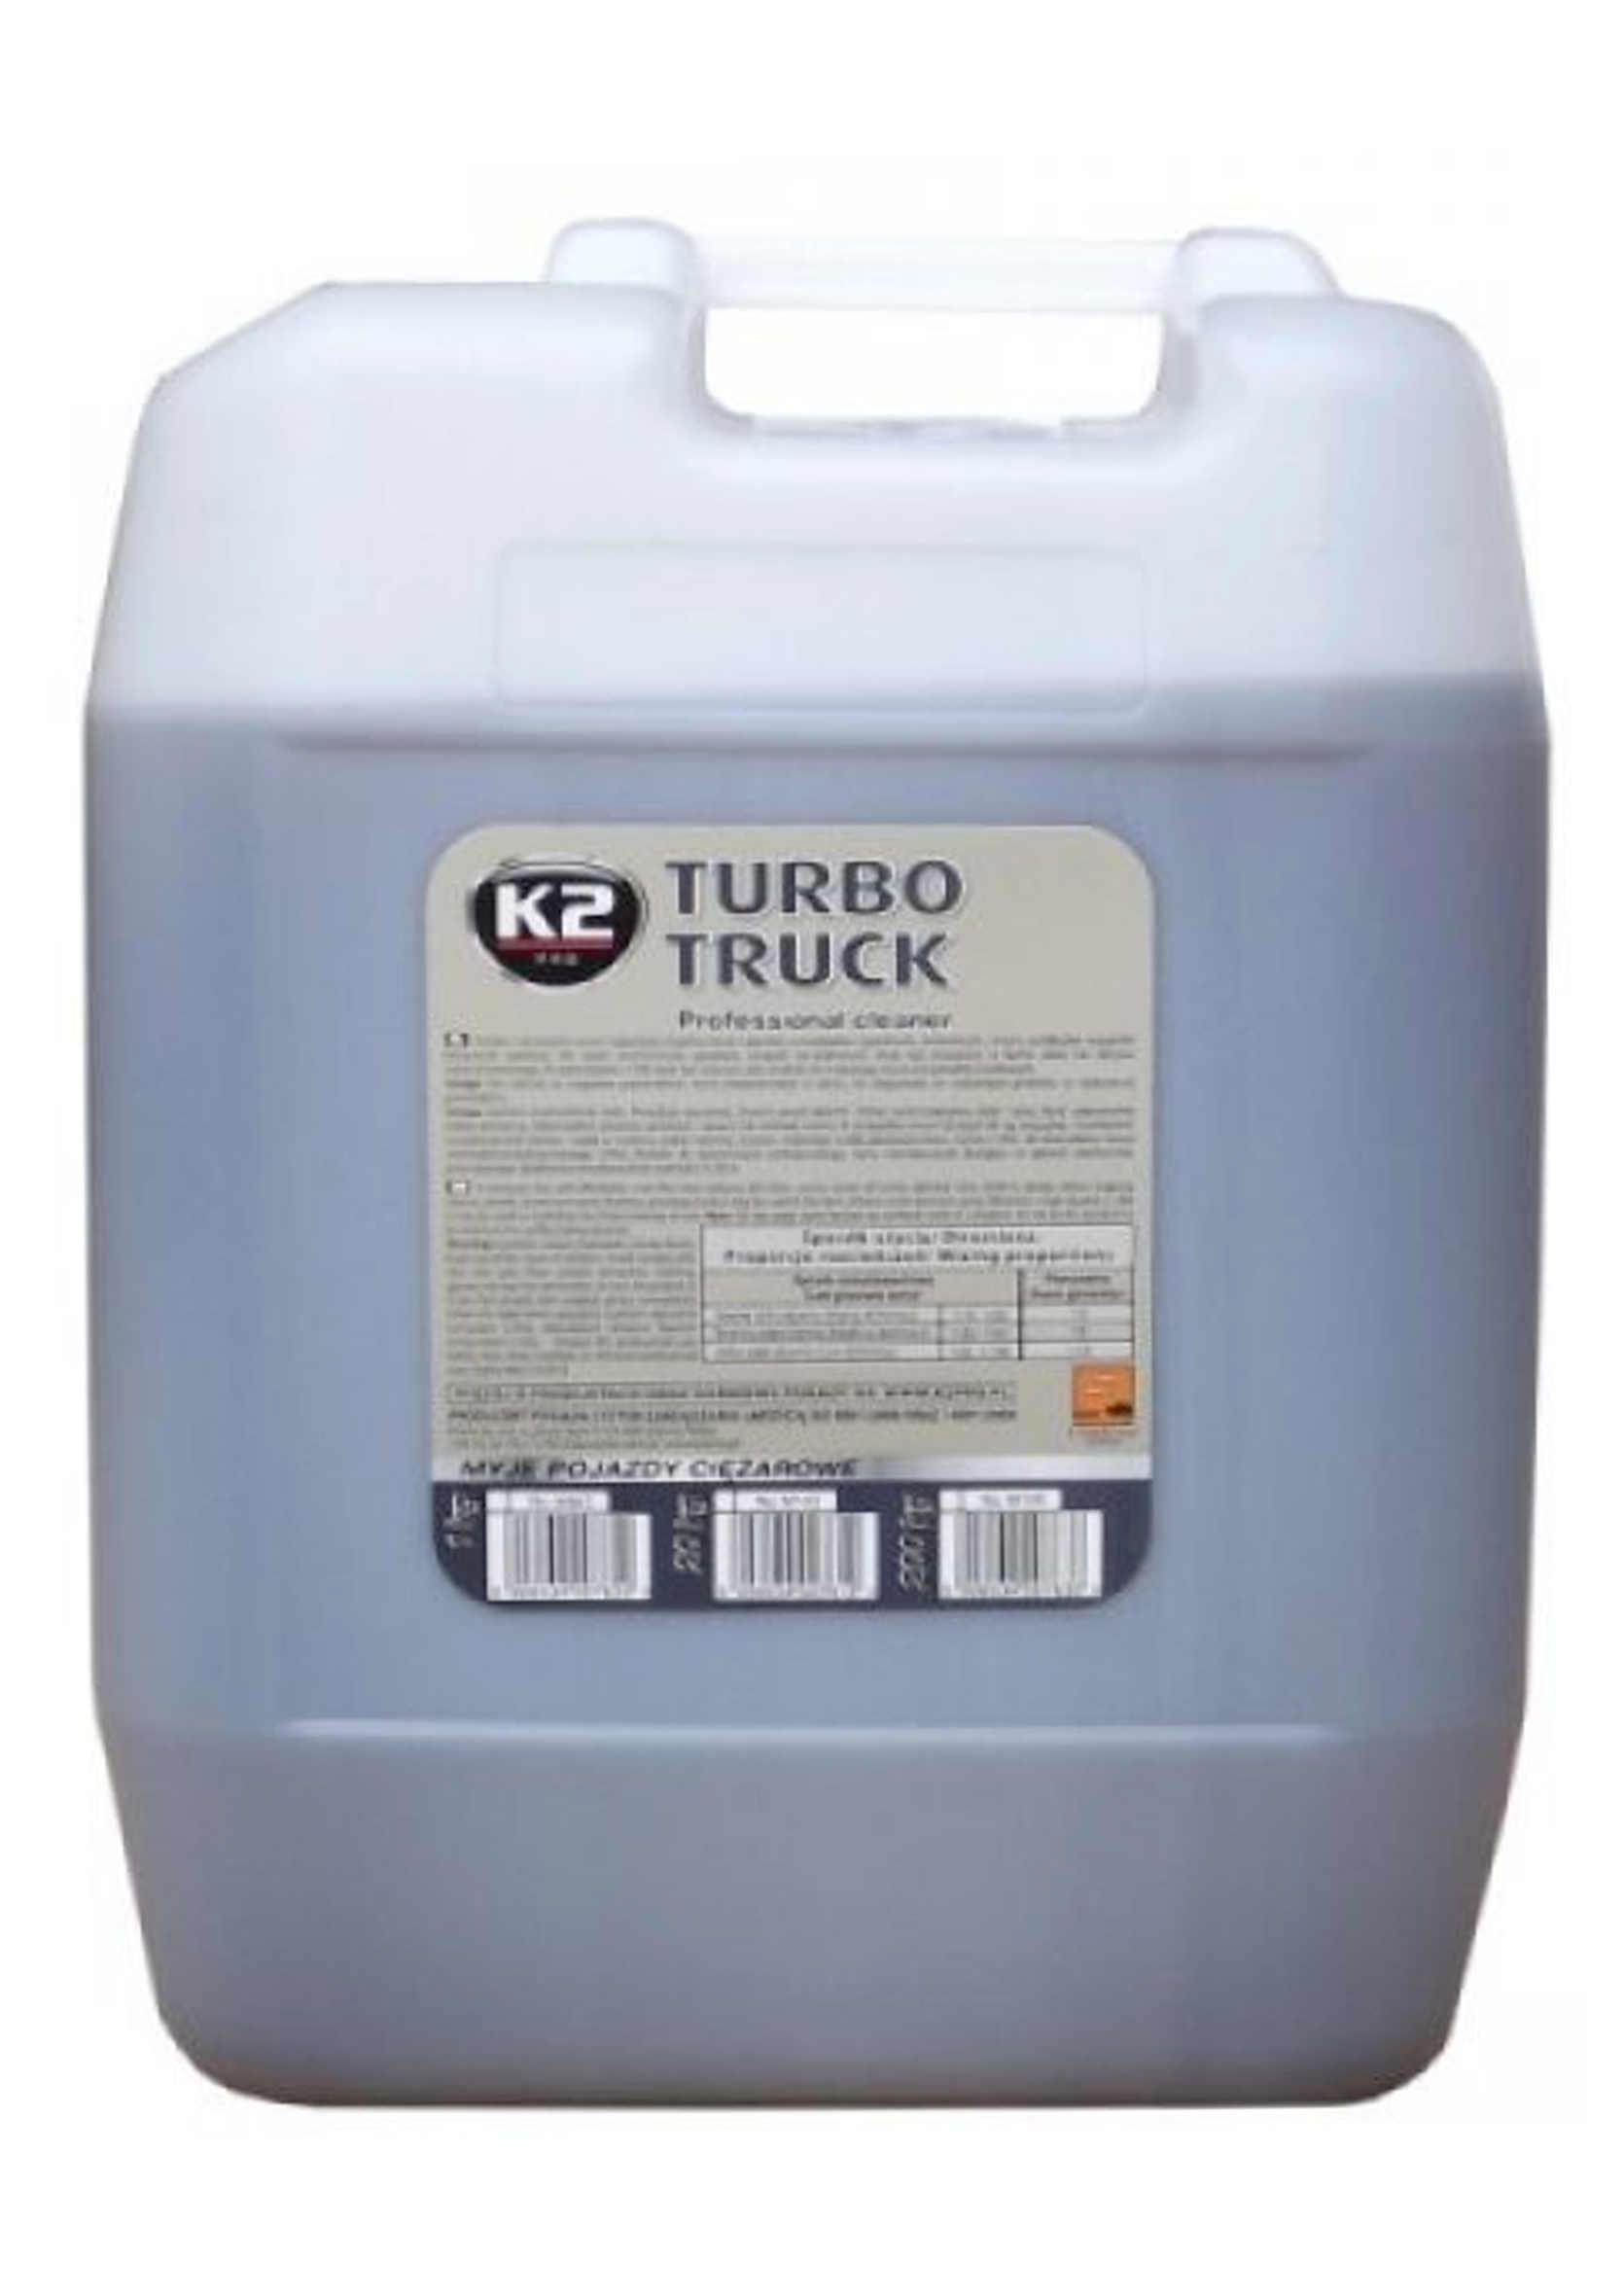 K2 Turbo Truck Cleaner Piana Aktywna do Mycia Ciężarówek i Plandek 25kg